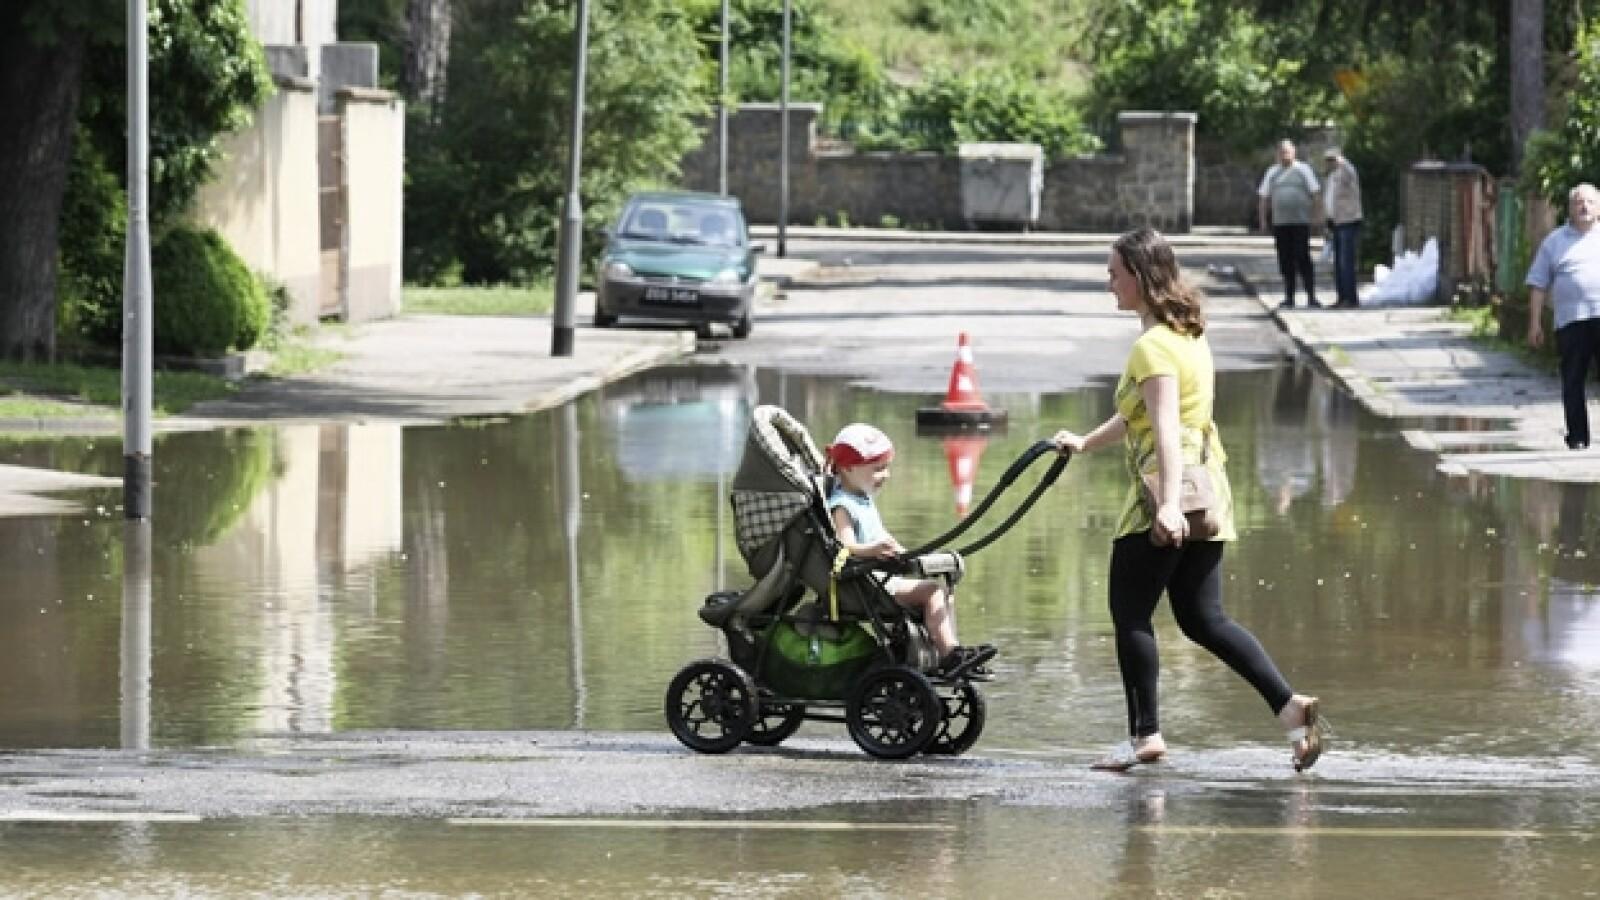 una madre atraviesa una calle inundada con su hijo